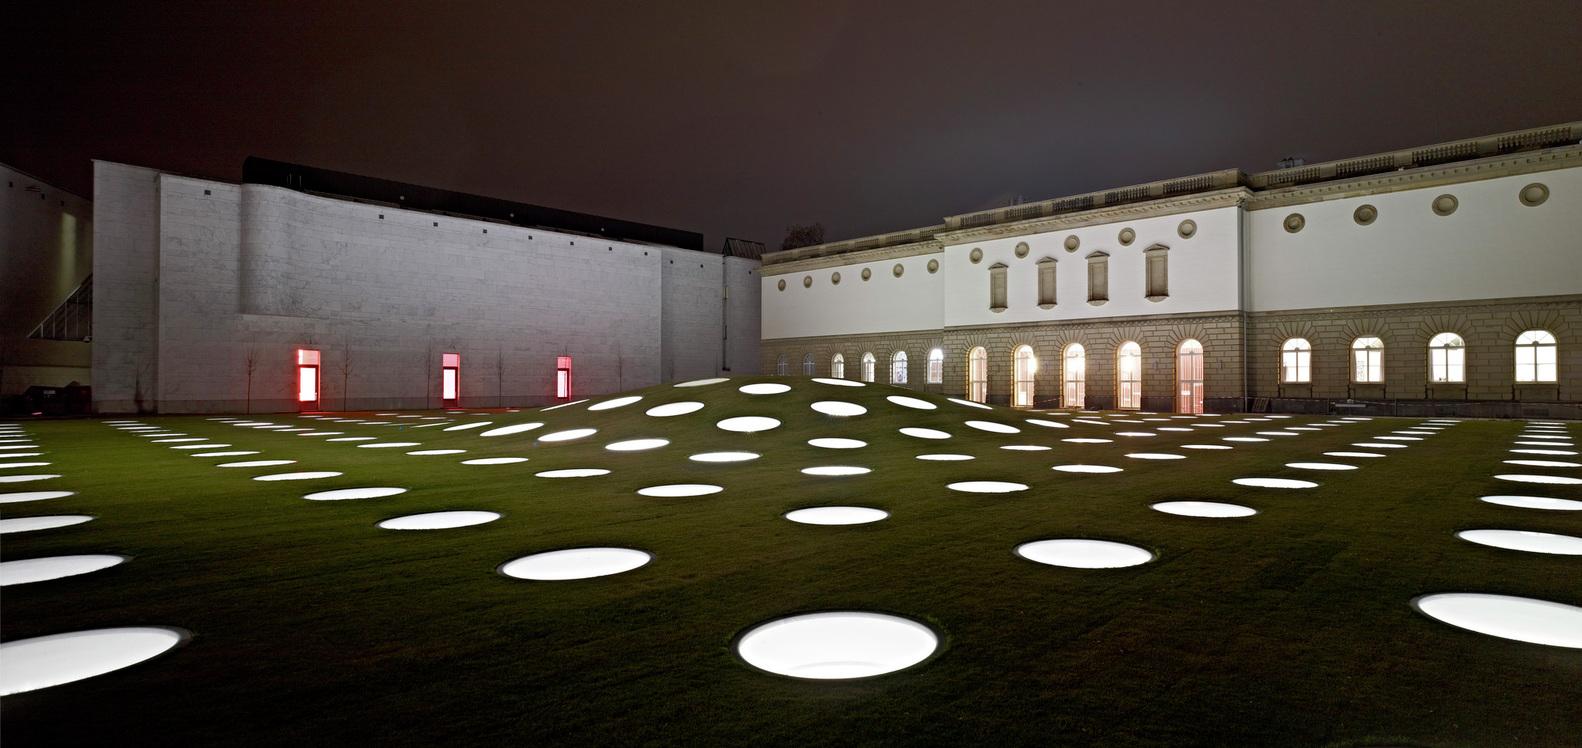 Schneider Schumacher gallery of stä museum schneider schumacher 16